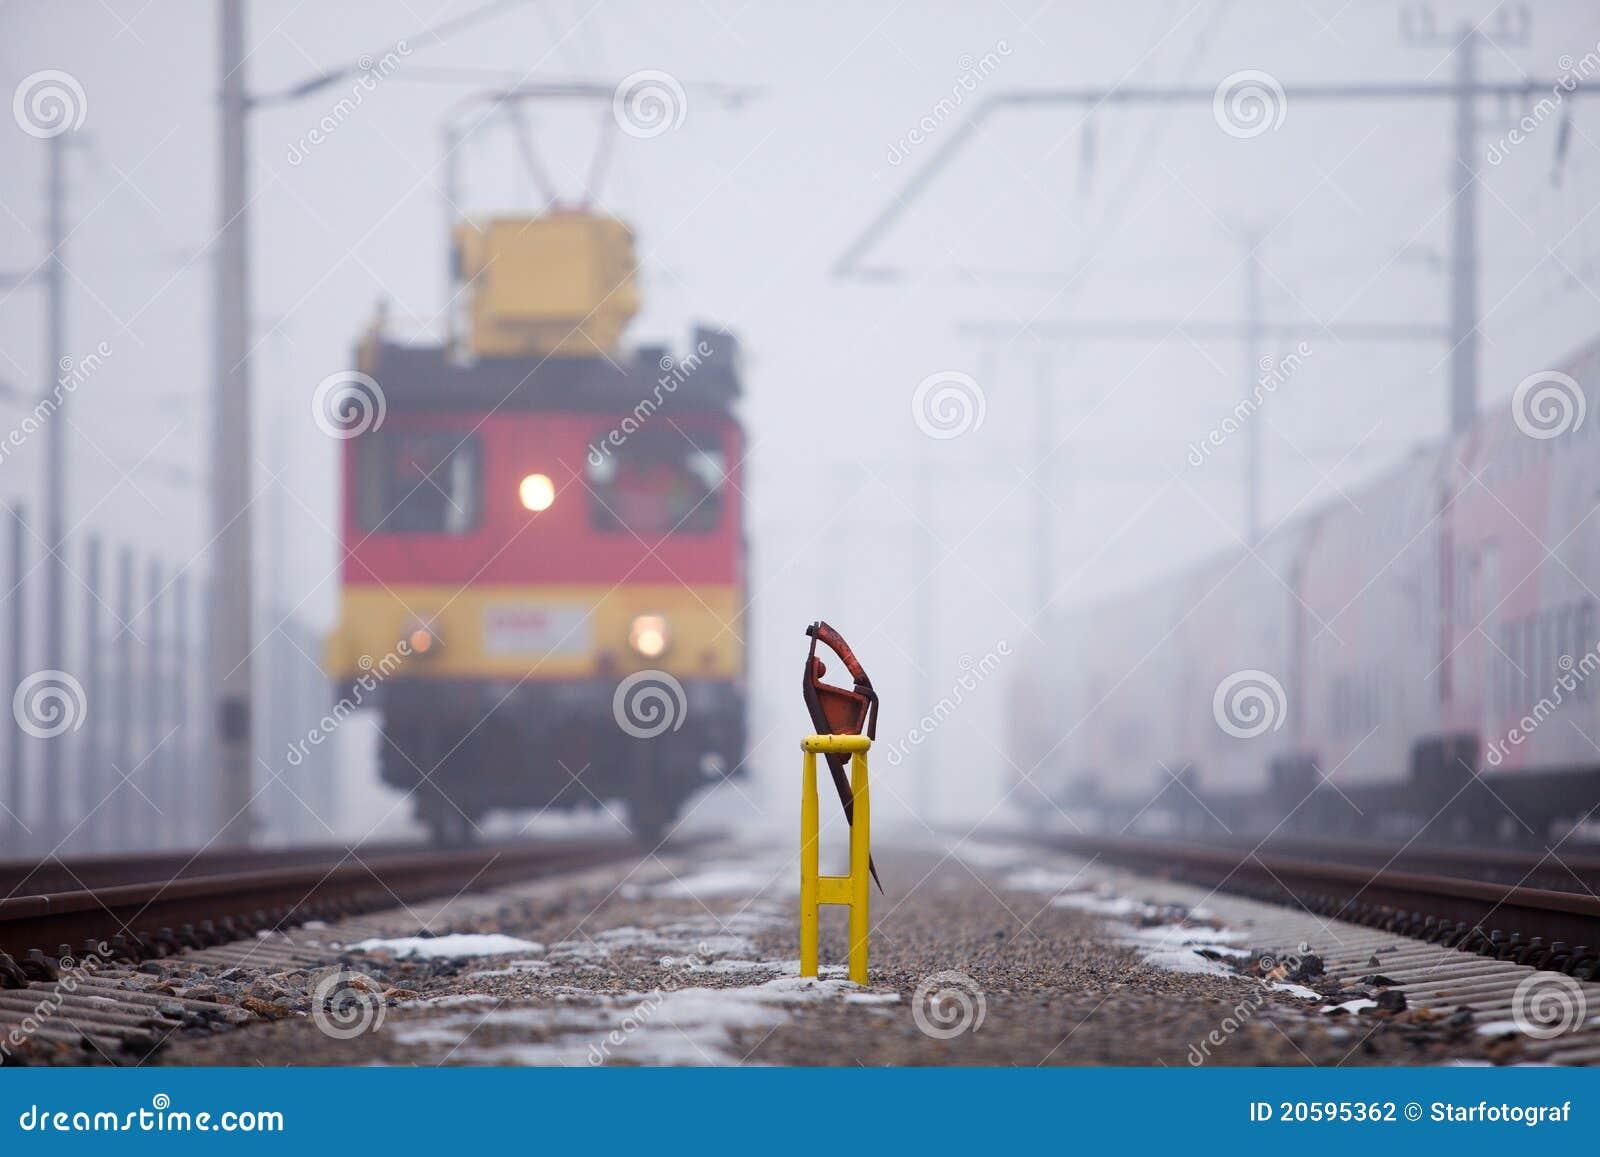 Lokomotoryczna kolej